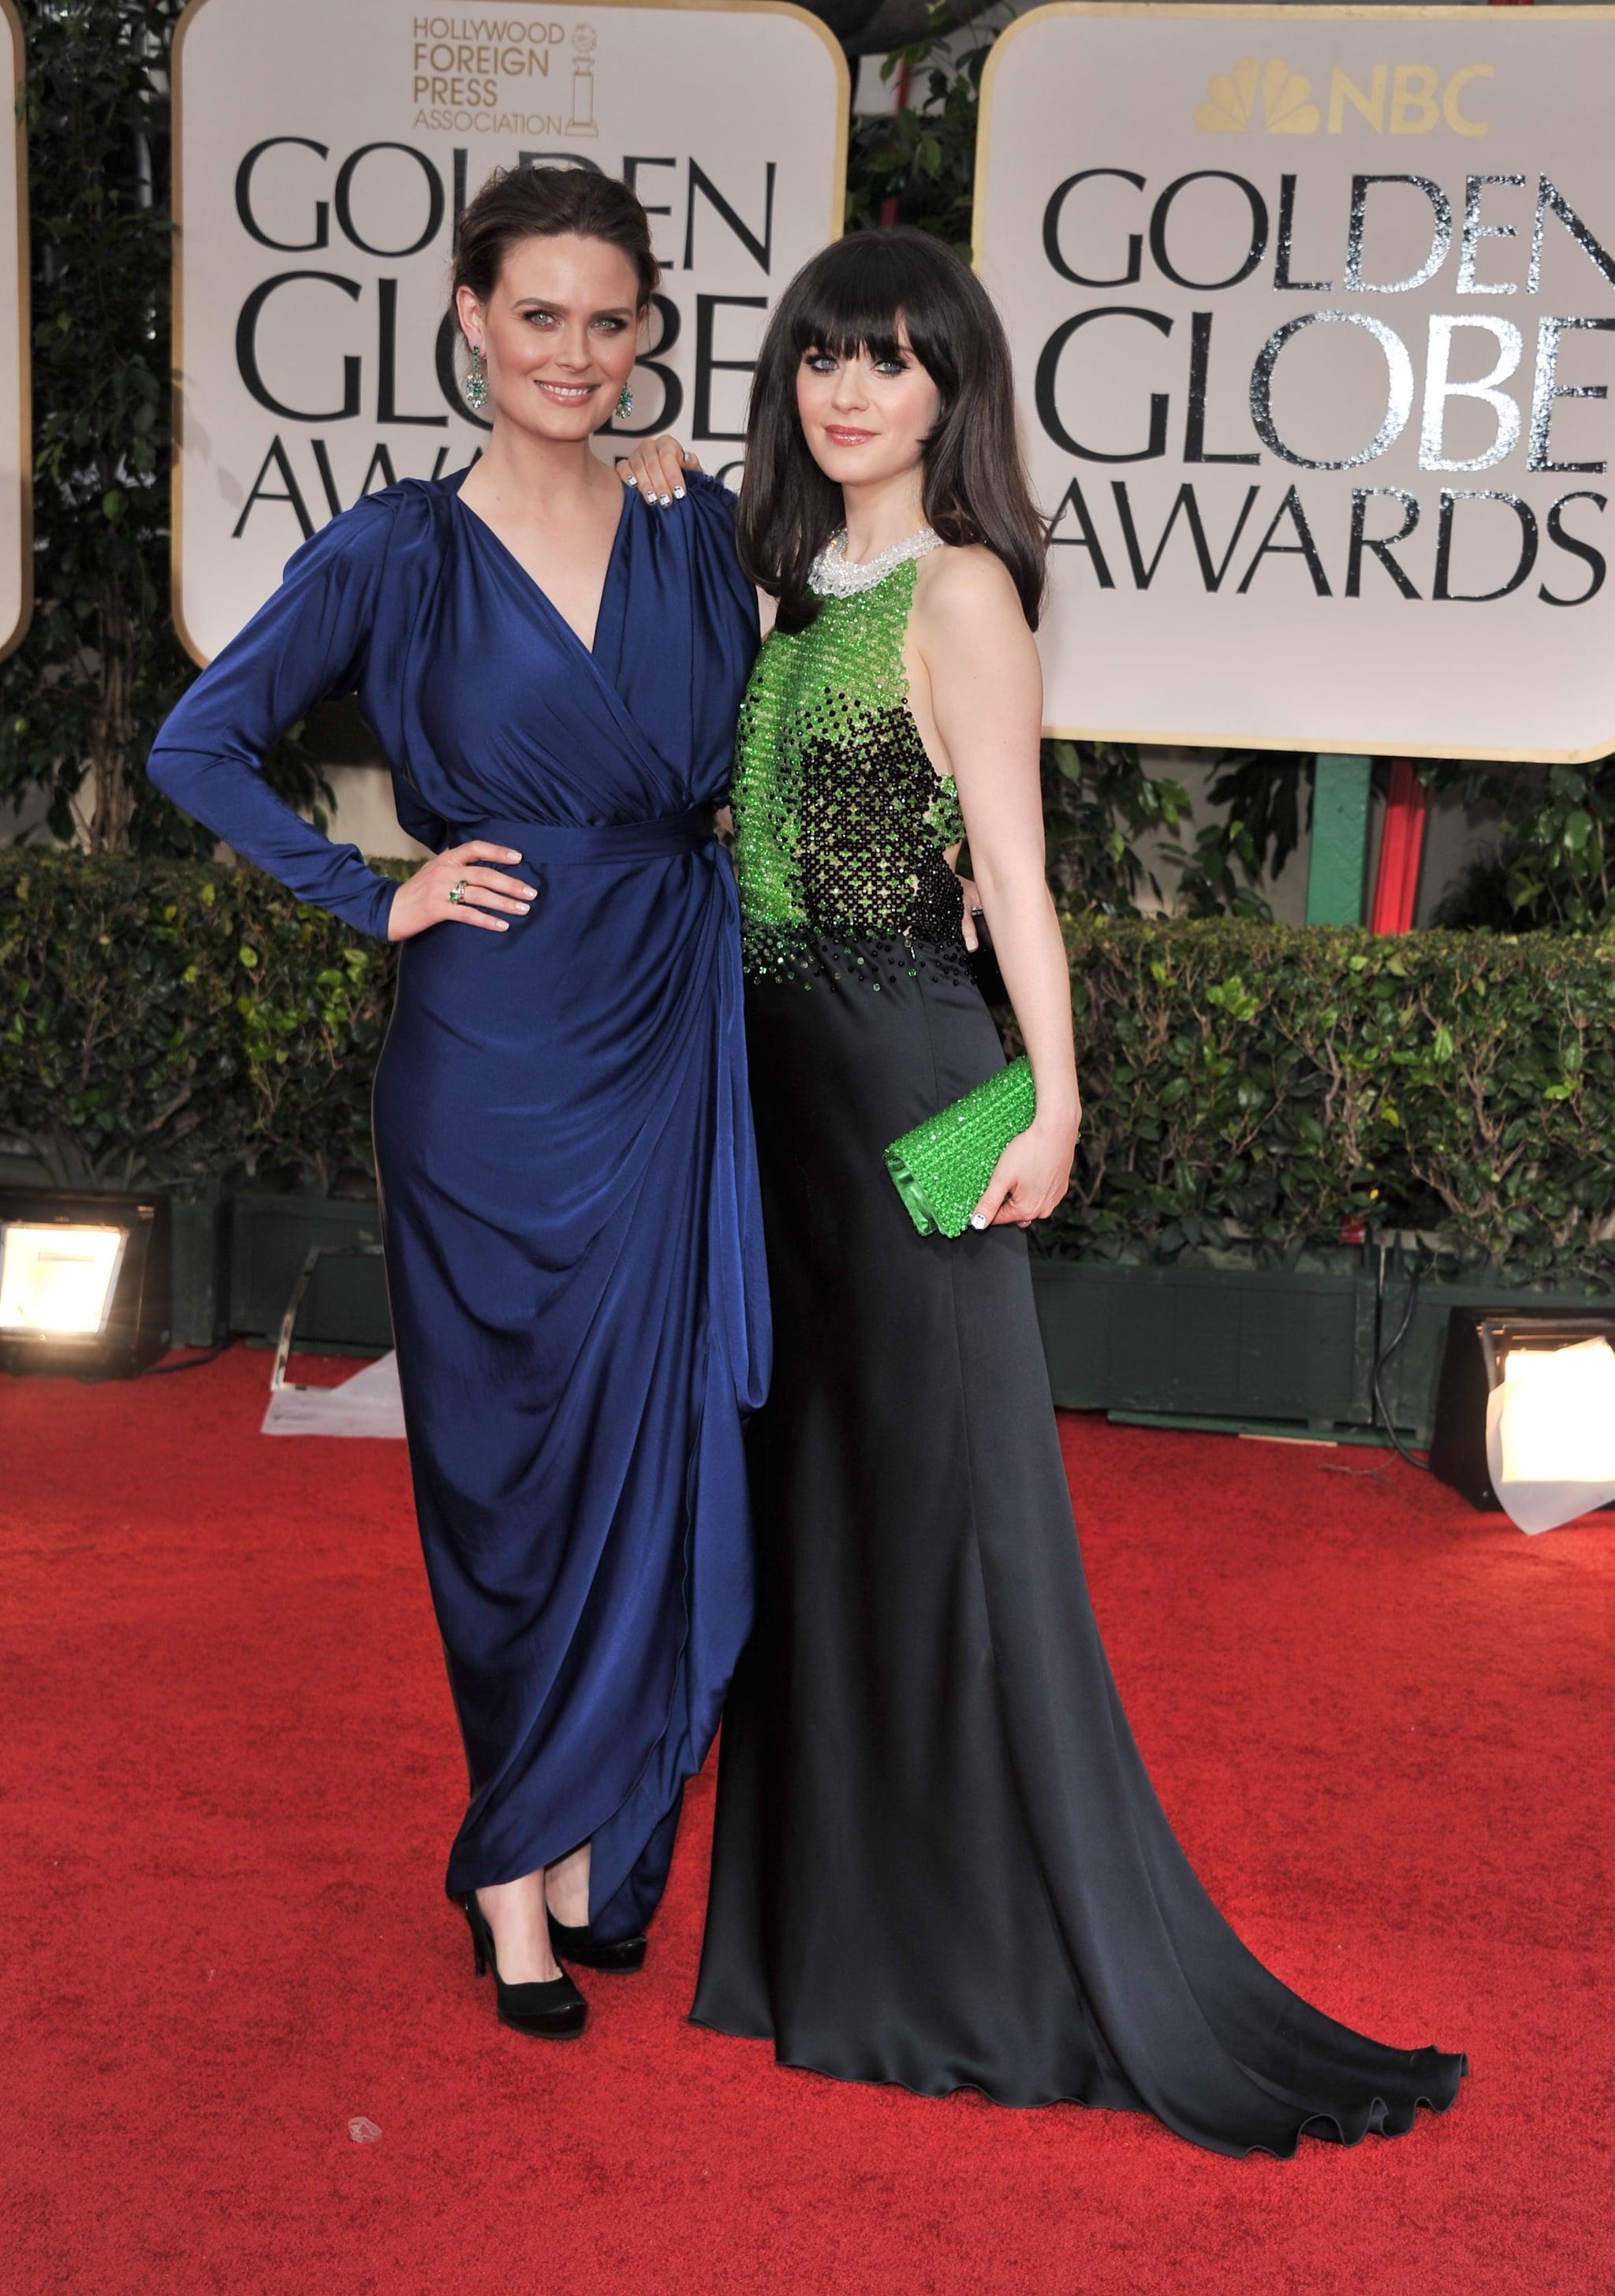 Emily Deschanel posed with her sister Zooey Deschanel in 2012.